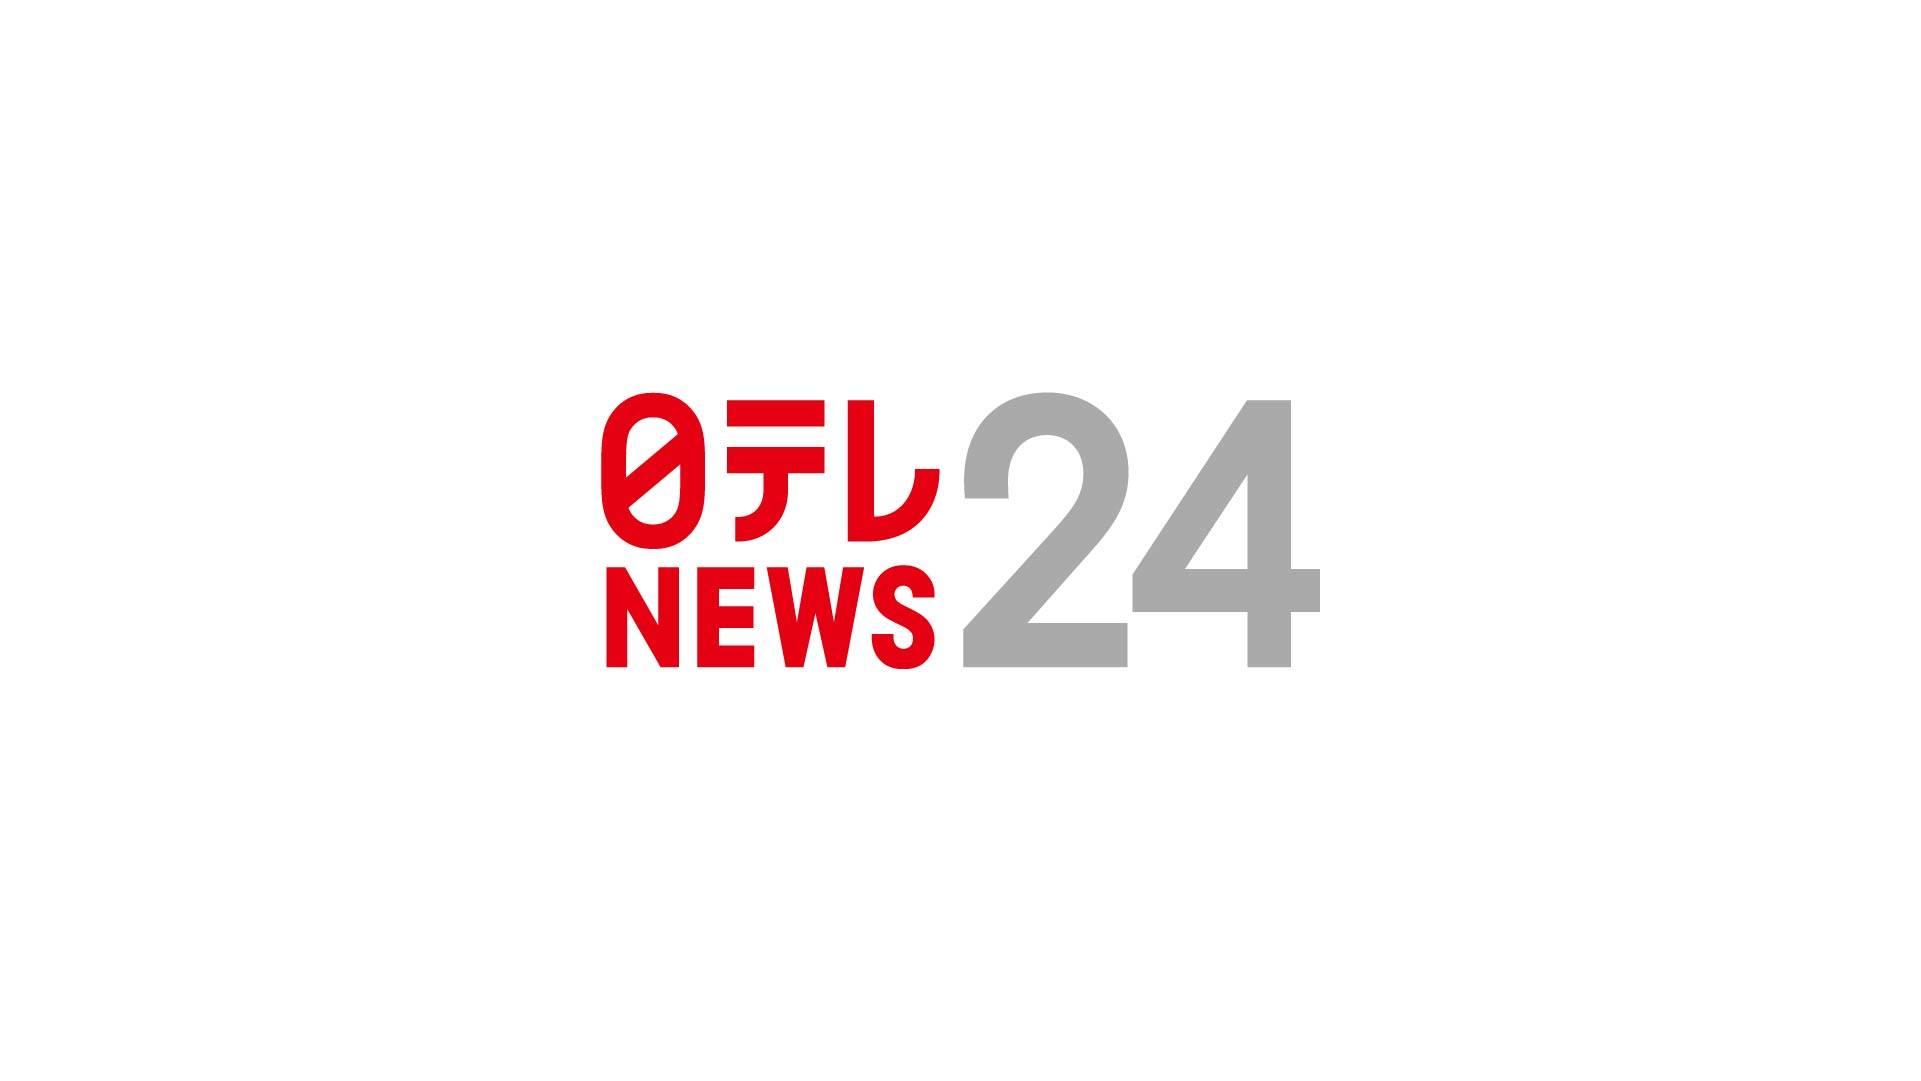 三種町の温泉施設 もみがらボイラー導入 NNNニュース